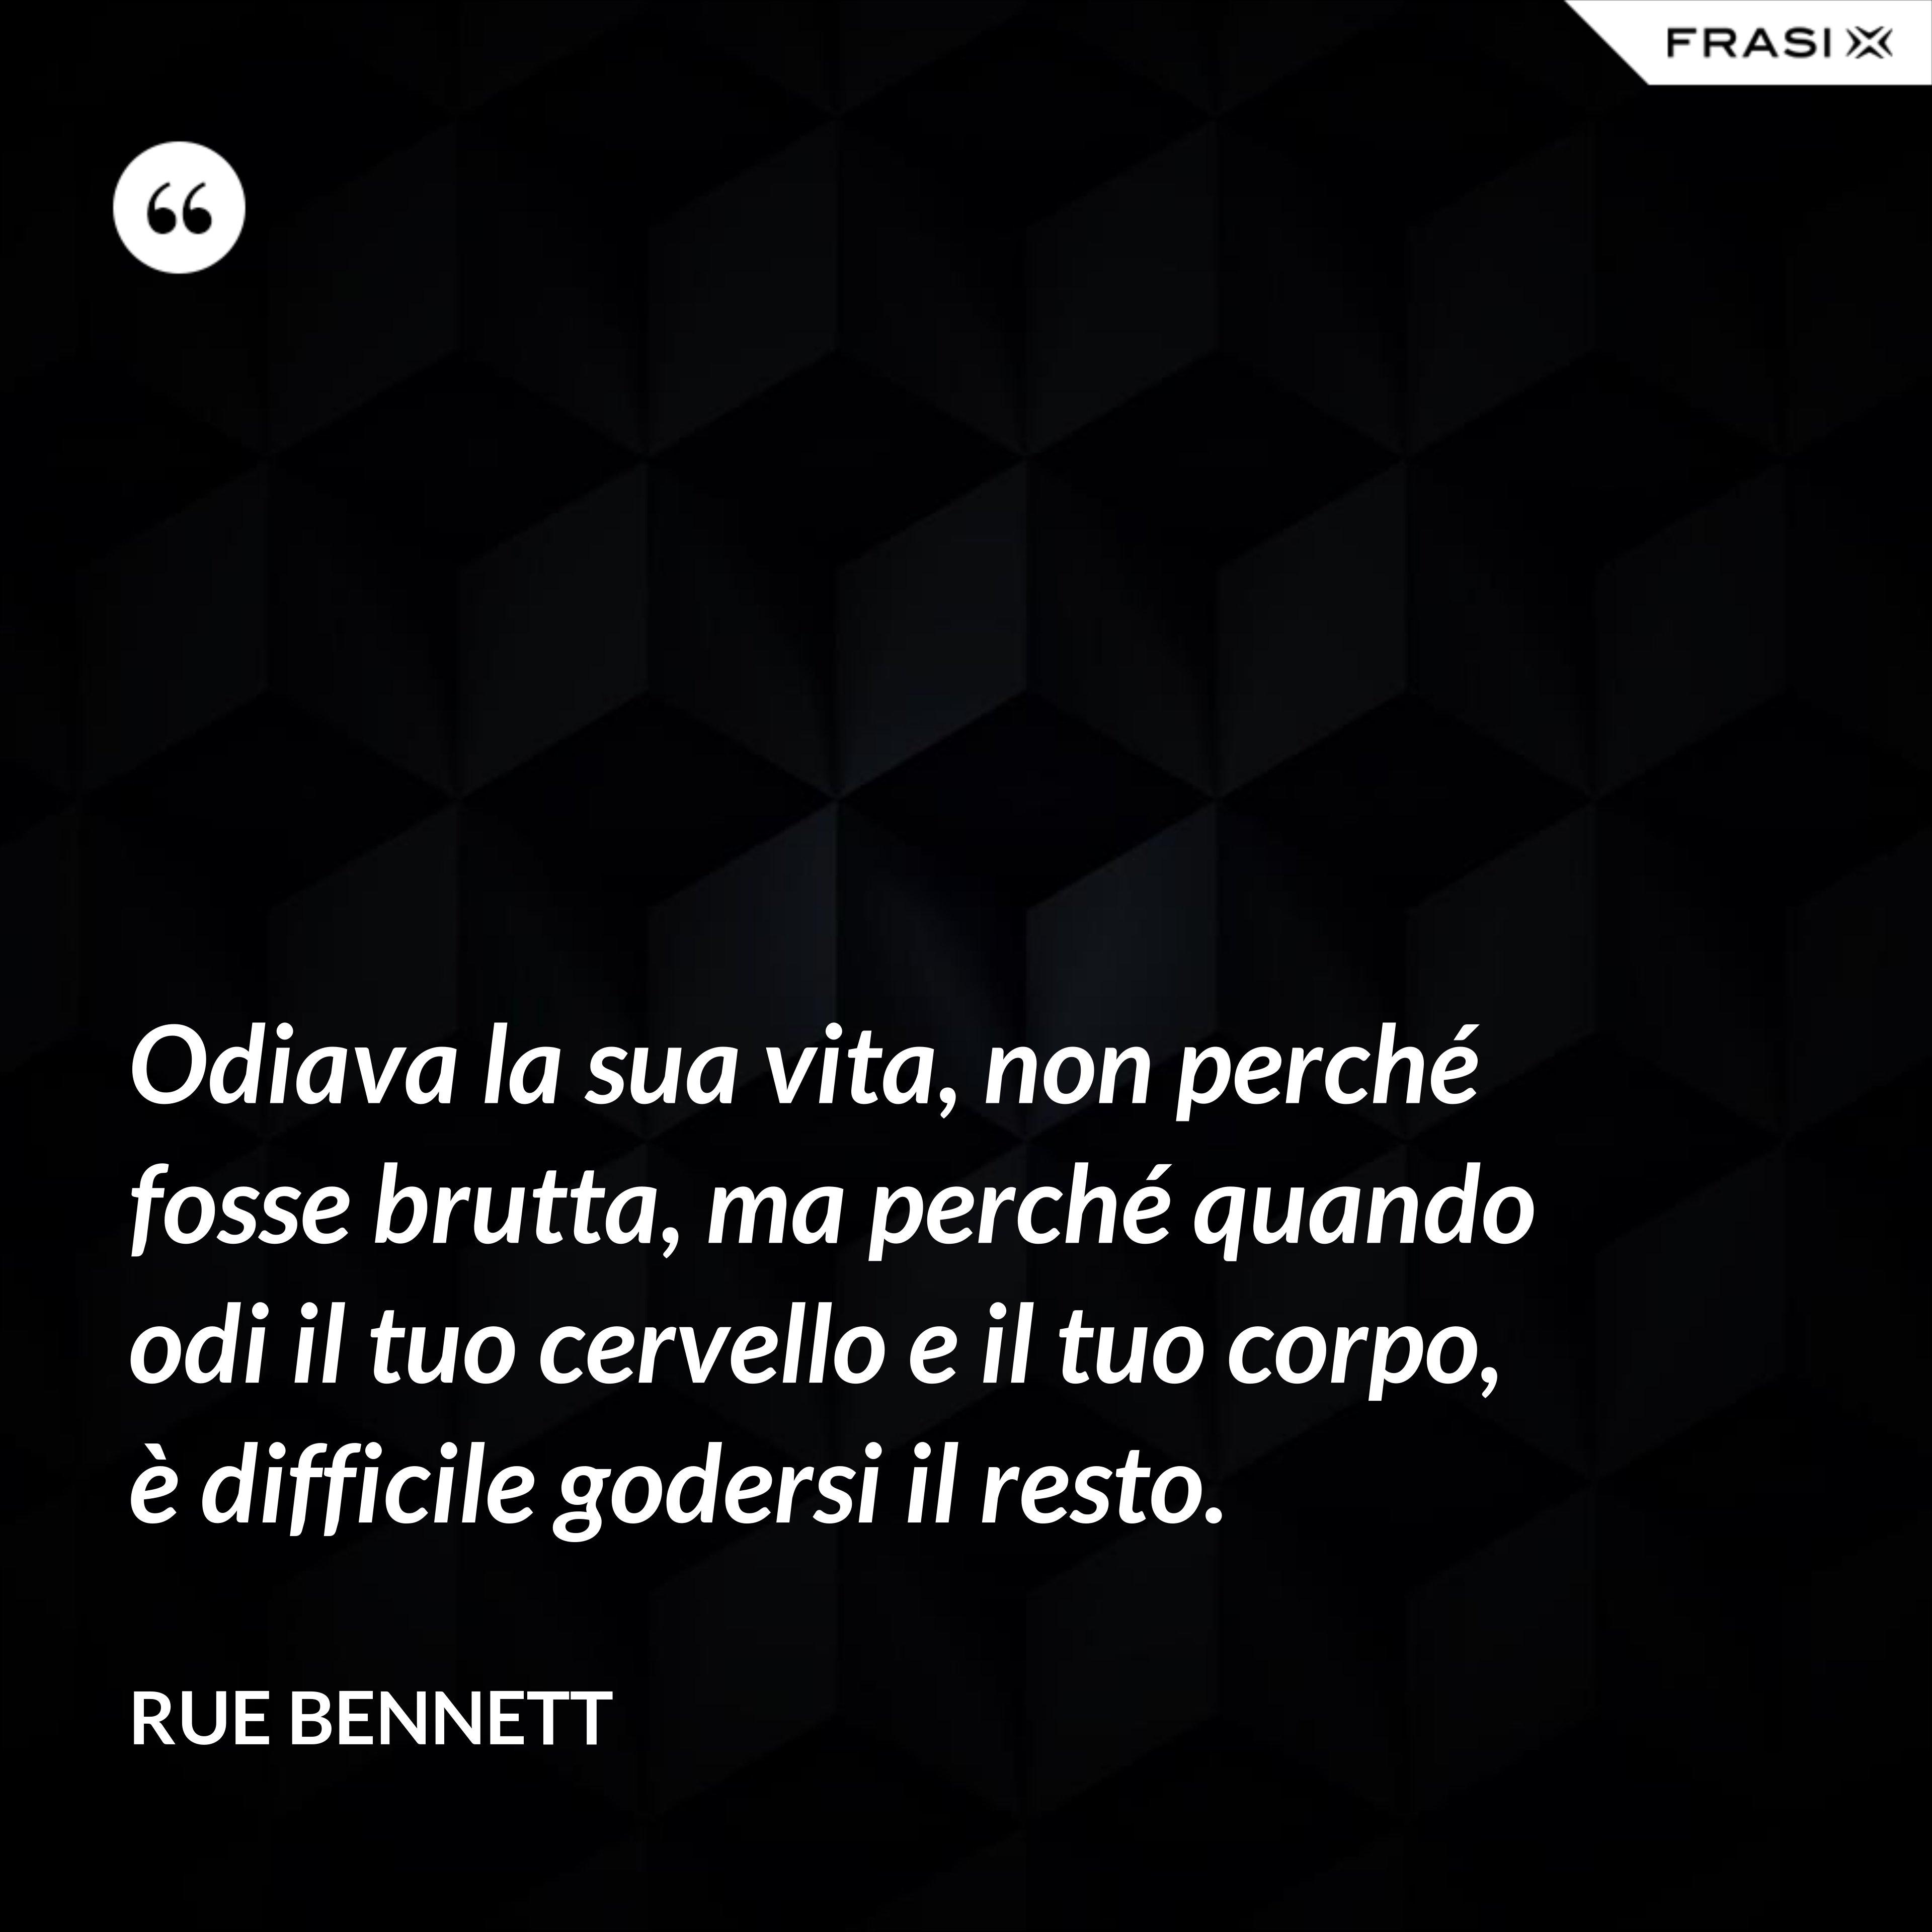 Odiava la sua vita, non perché fosse brutta, ma perché quando odi il tuo cervello e il tuo corpo, è difficile godersi il resto. - Rue Bennett